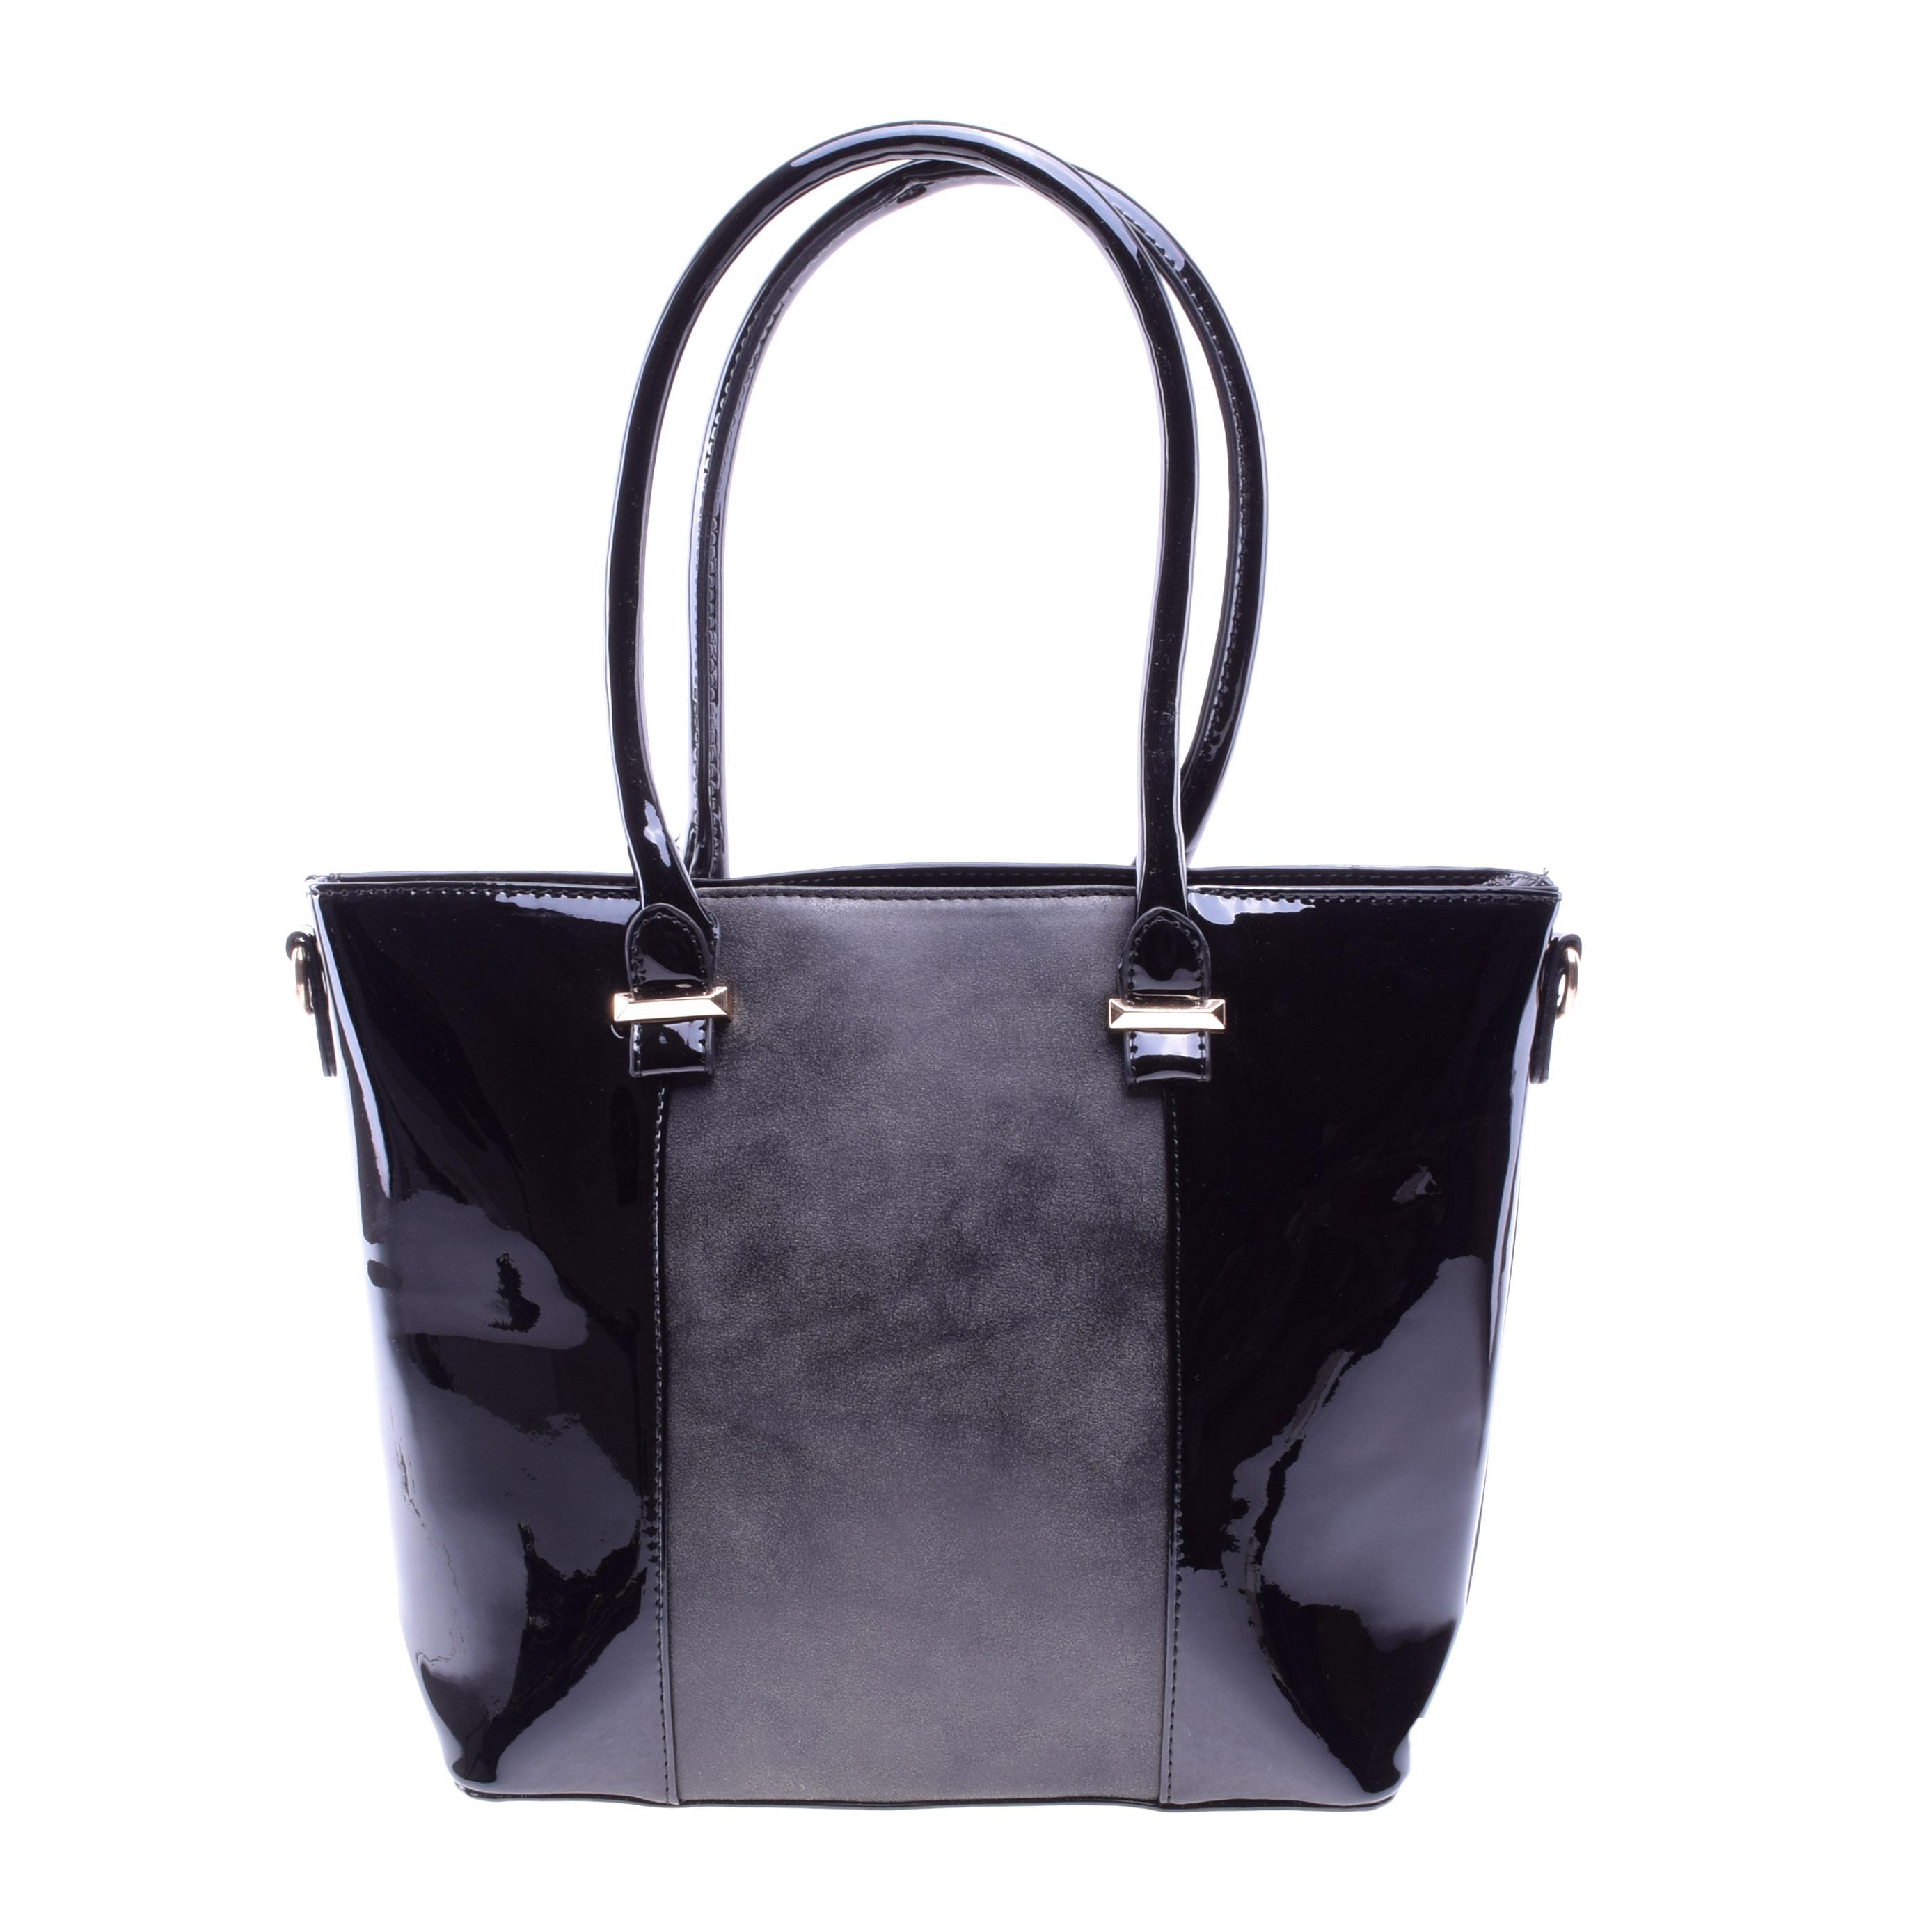 Női Fekete Lakk Válltáska - Válltáskák - Táska webáruház - Minőségi táskák  mindenkinek b6c481bff7